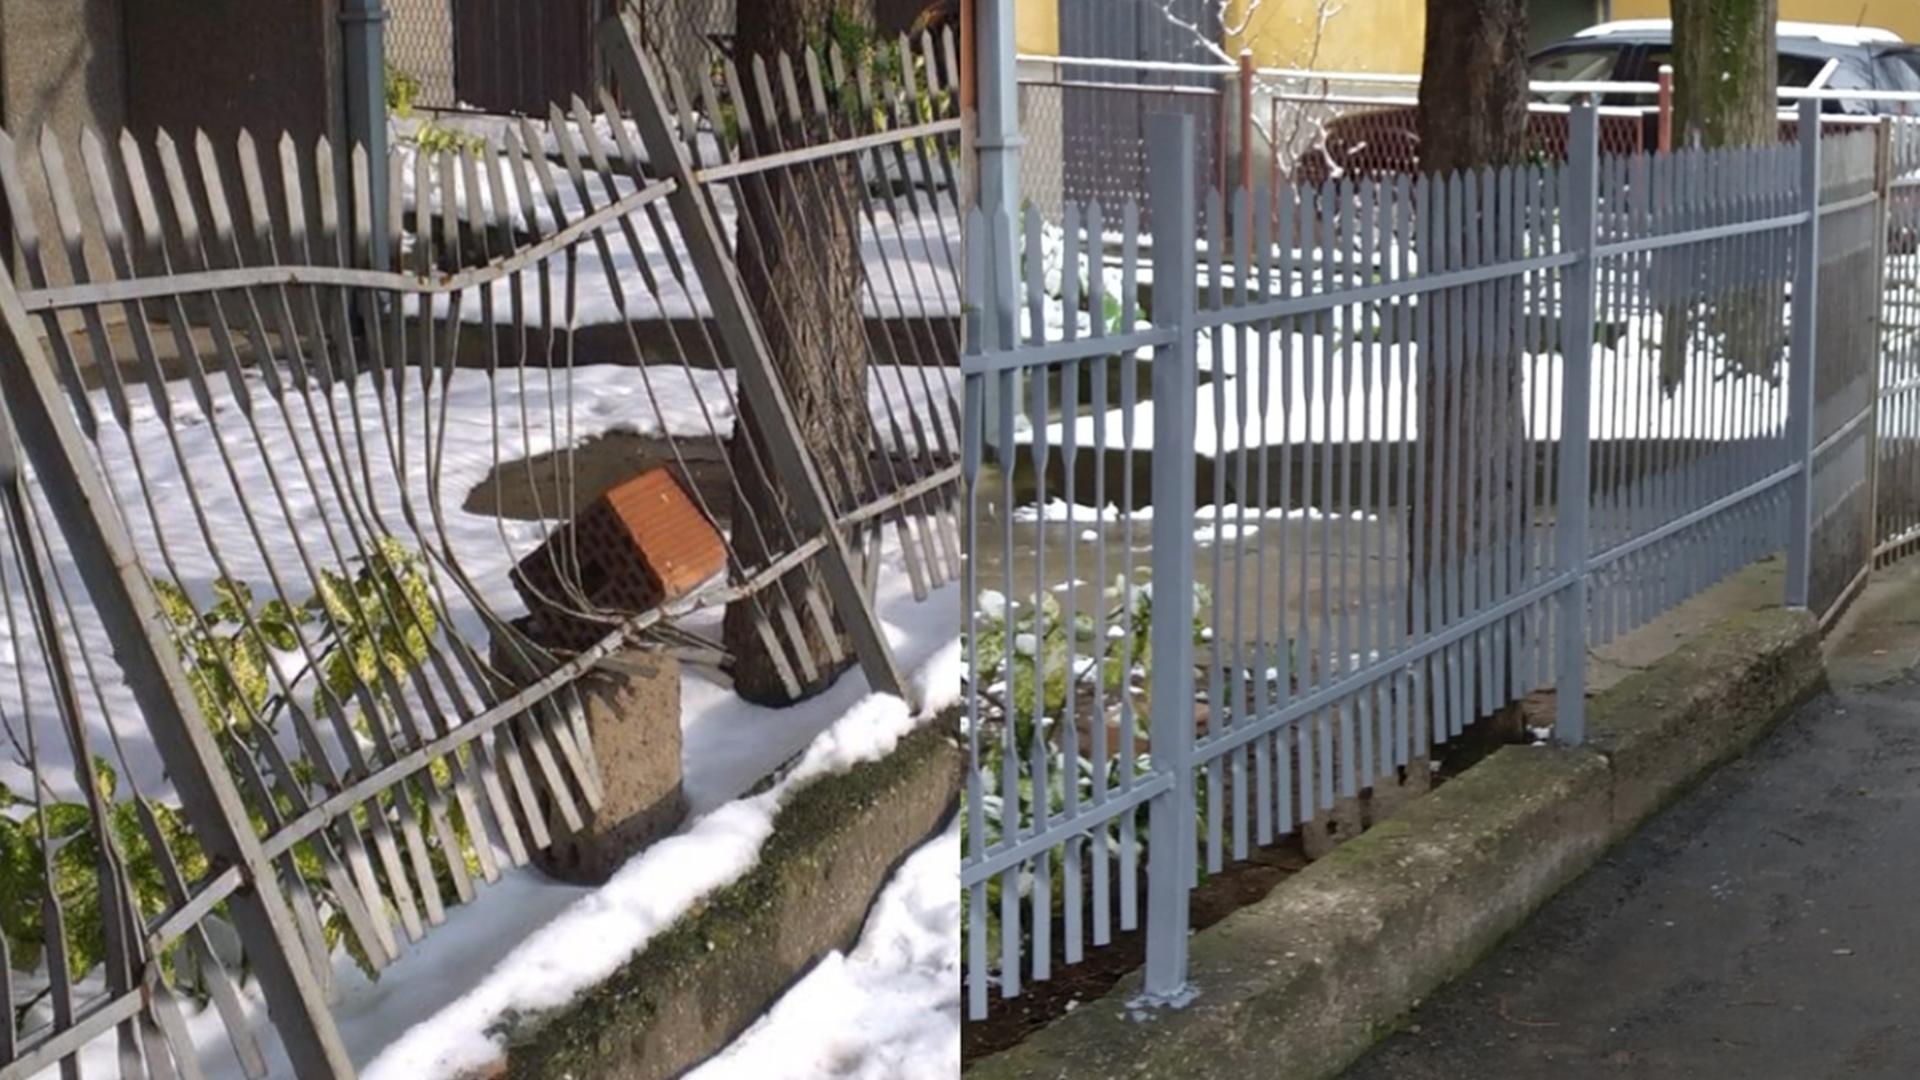 Popravka metalne ograde posle saobraćajne nezgode